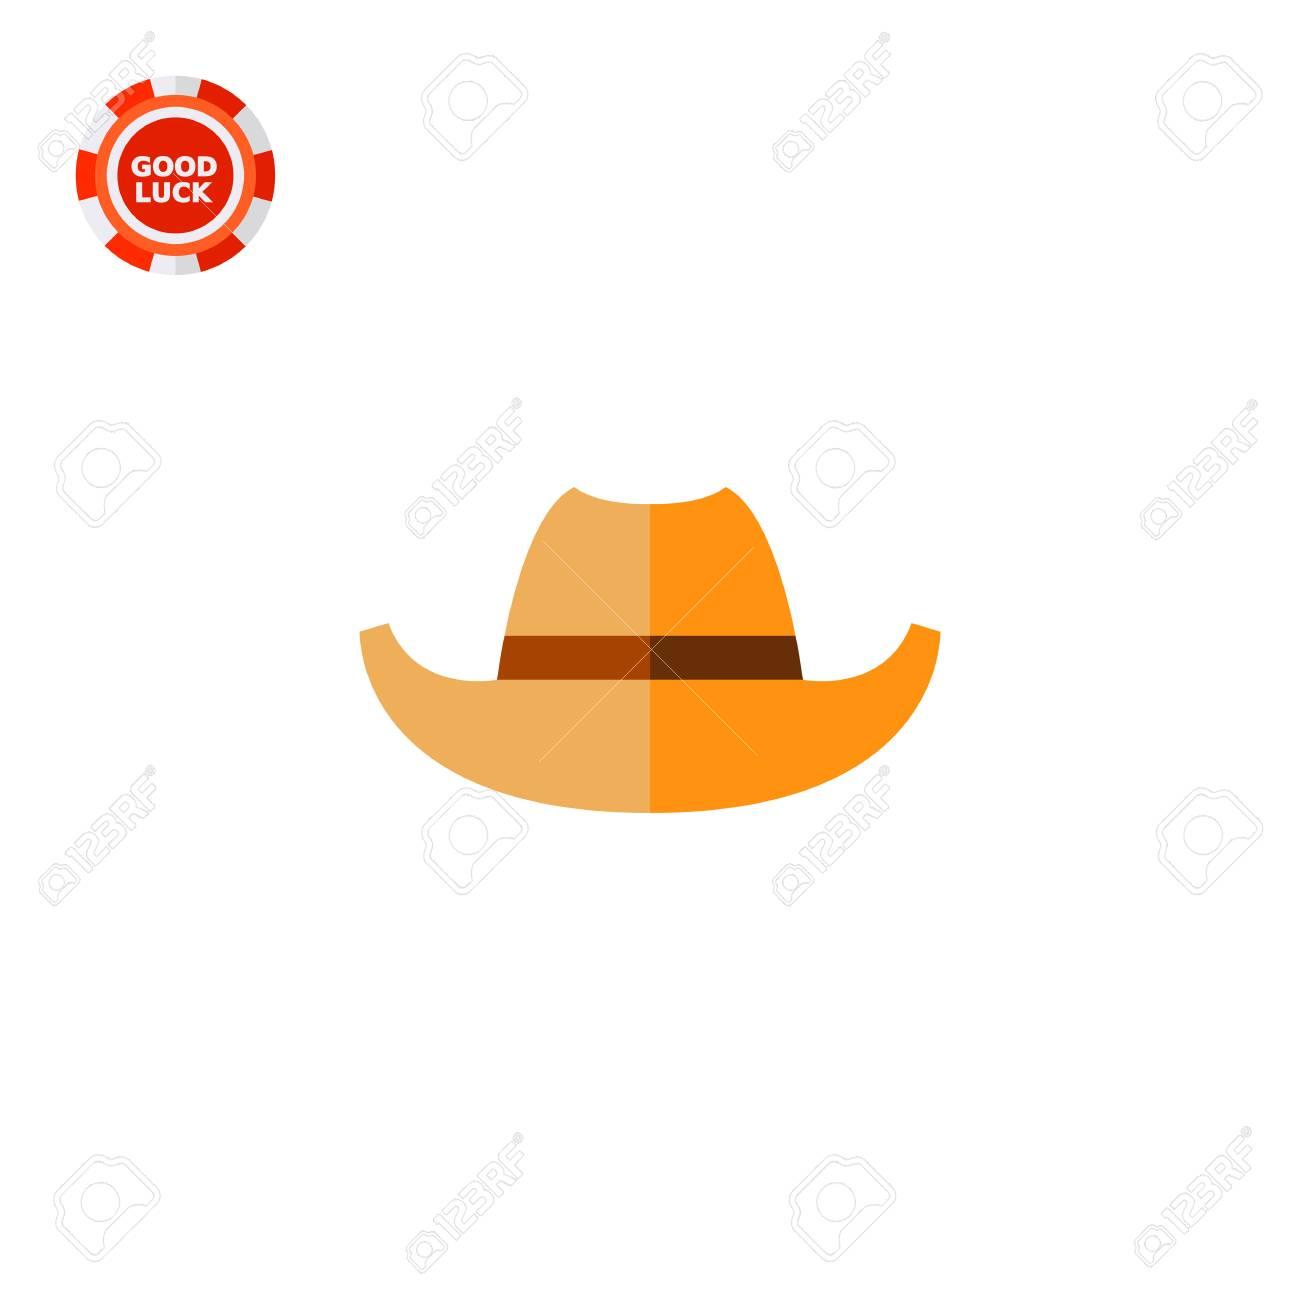 カウボーイ ハット。古い、保護、西。帽子の概念。ファッション、衣類